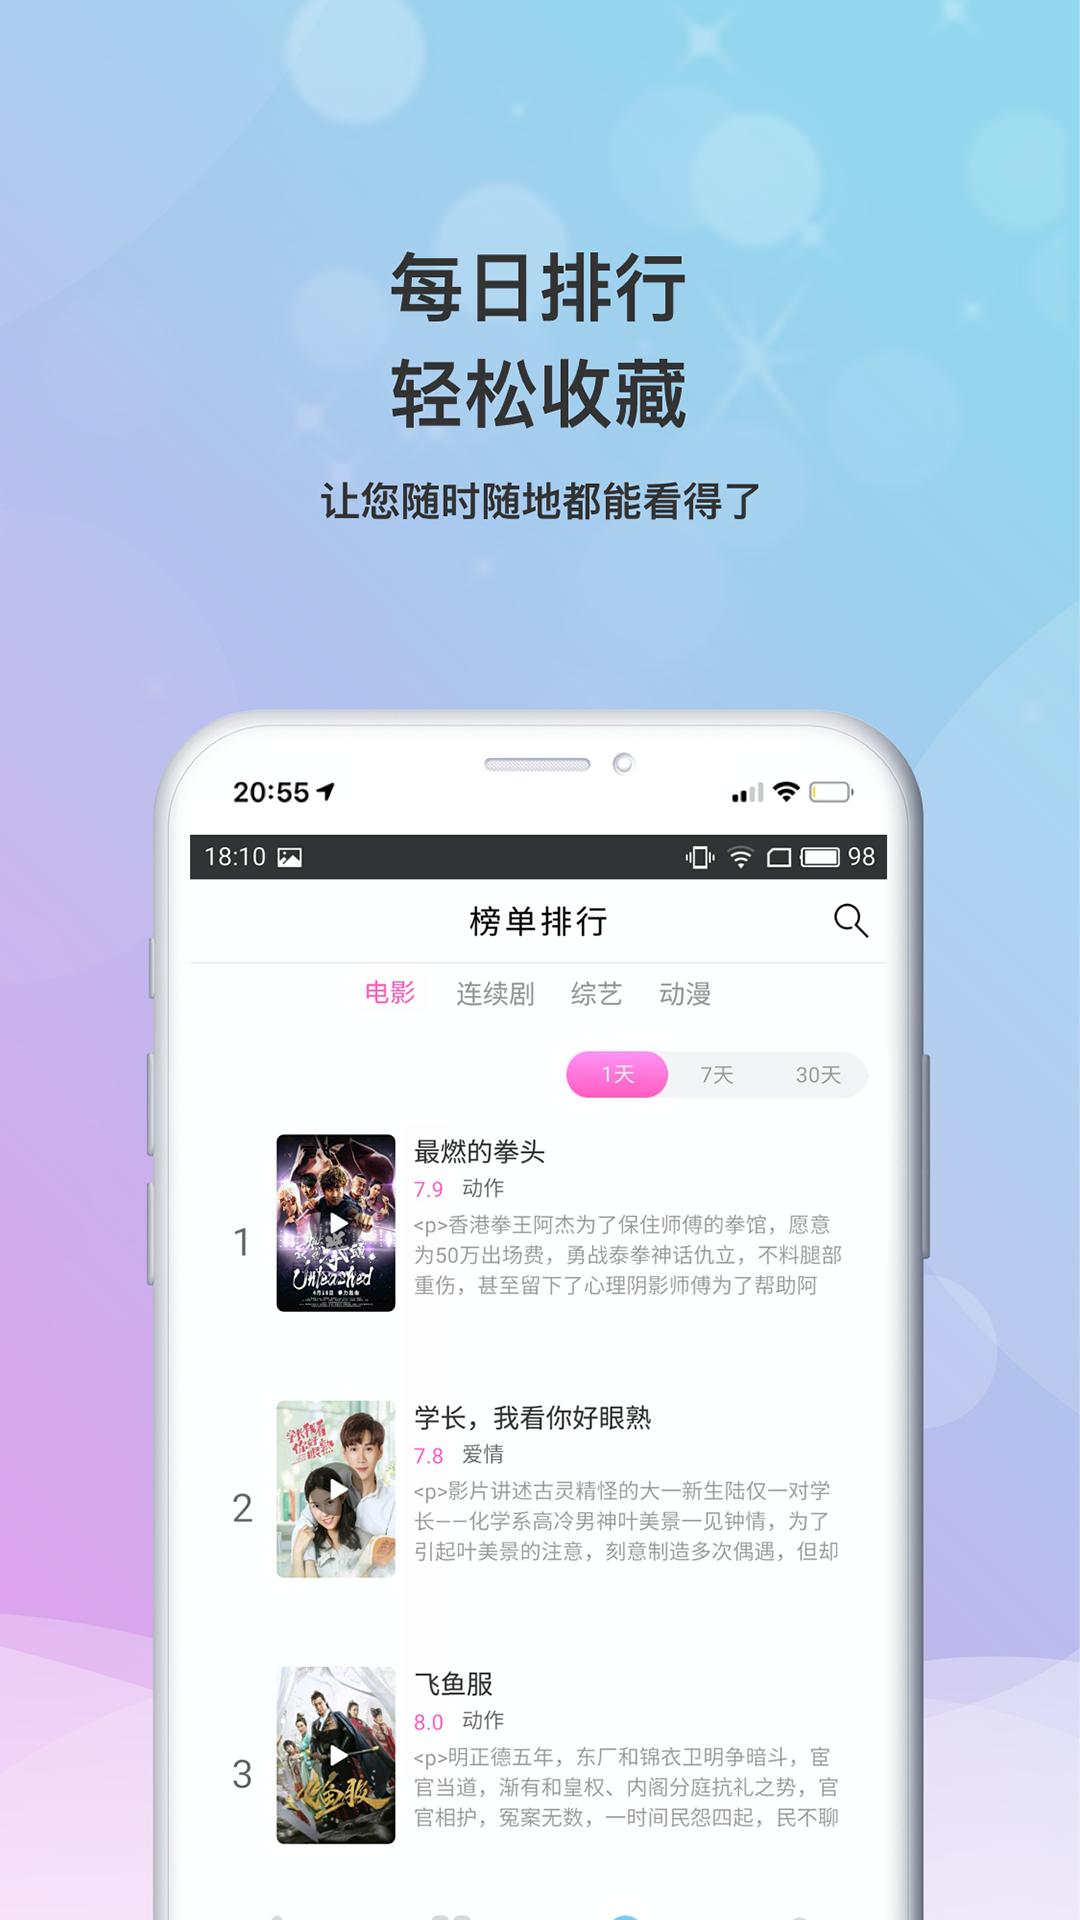 天价皇后免费下载_小小影视大全下载app下载-小小影视大全免费下载官方2020最新版